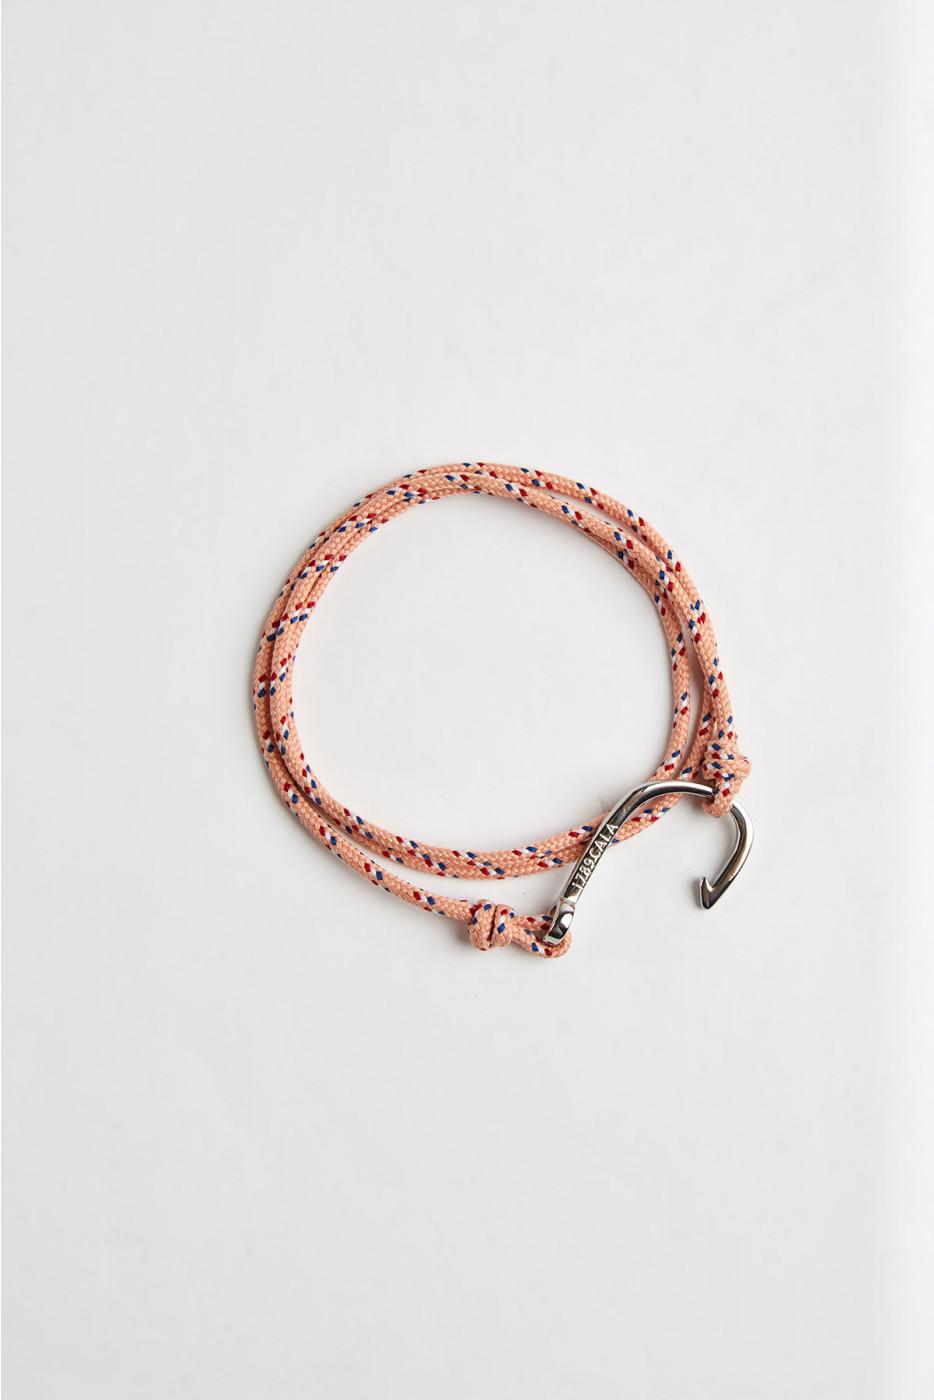 Bracelet Corde Malabar - HAMEÇON BRACELET